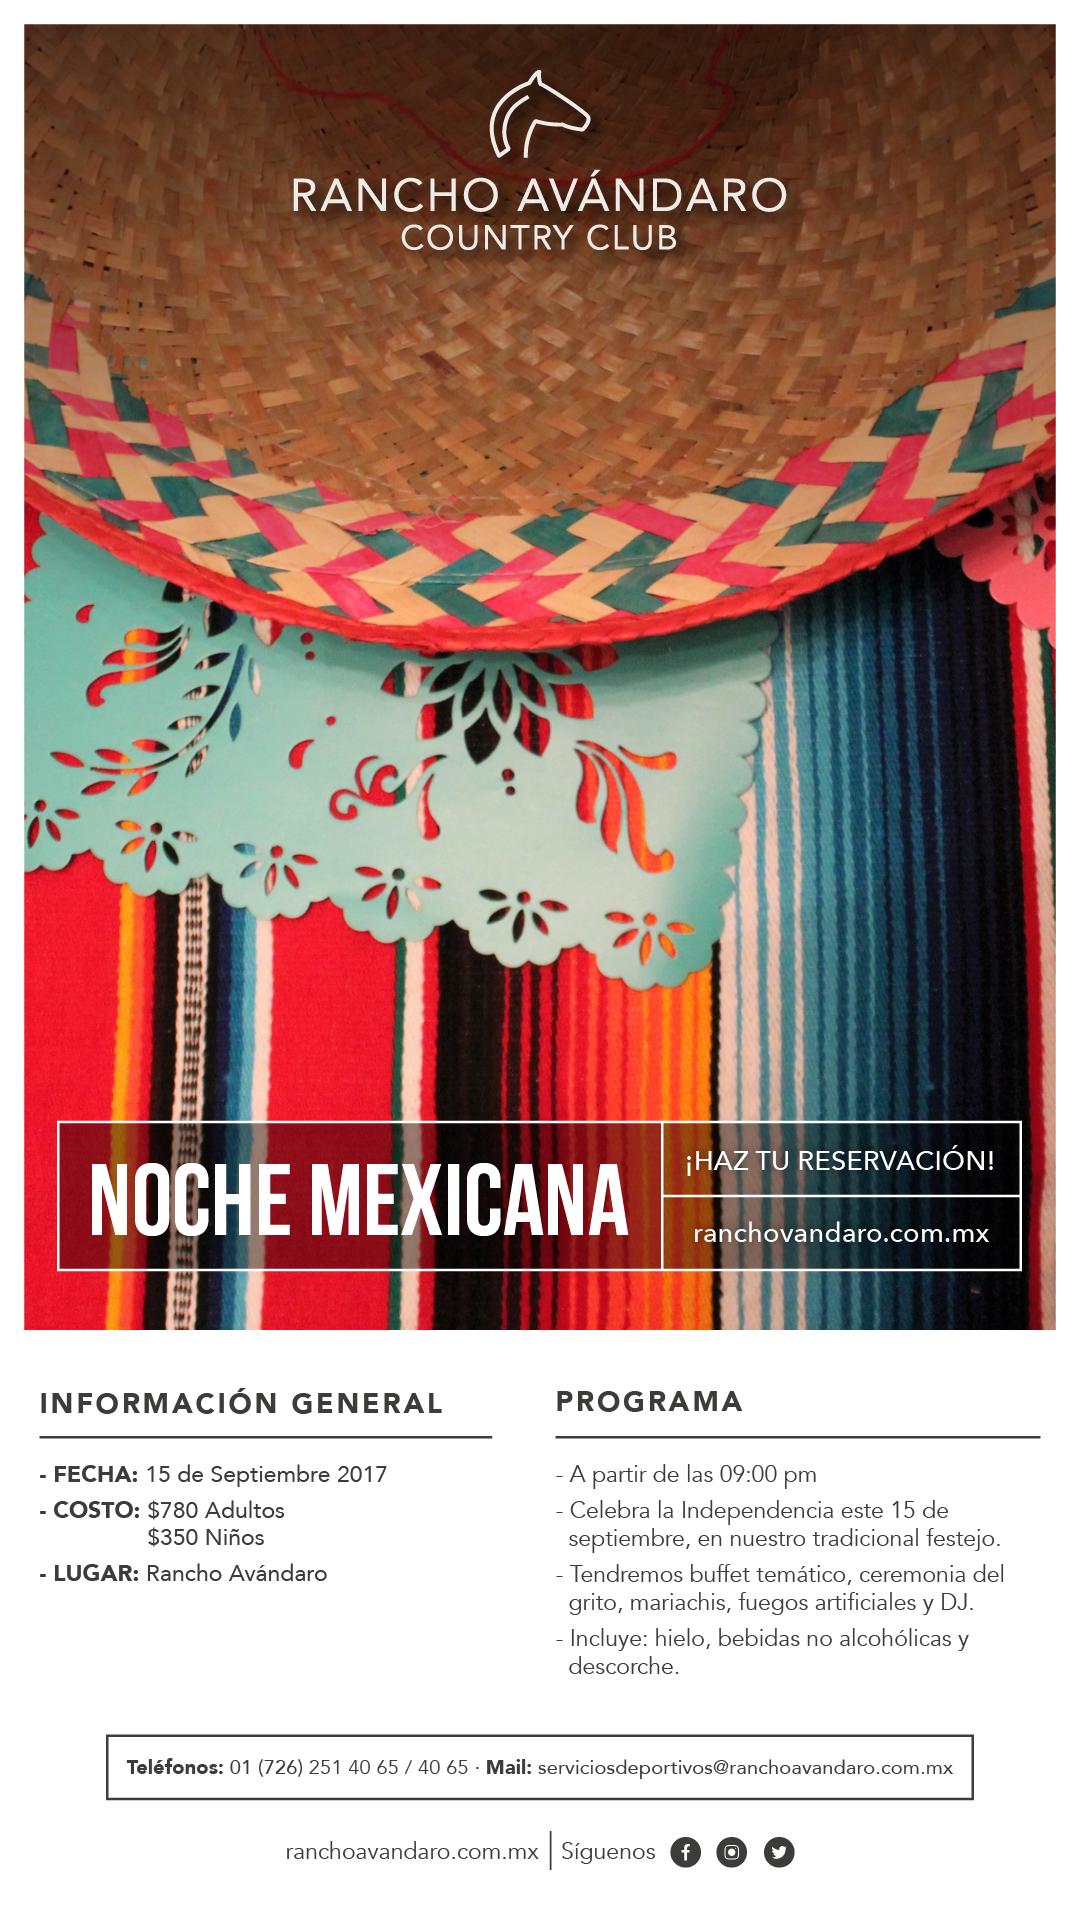 AV_RANCHO_Noche-Mexicana_INSTA.png